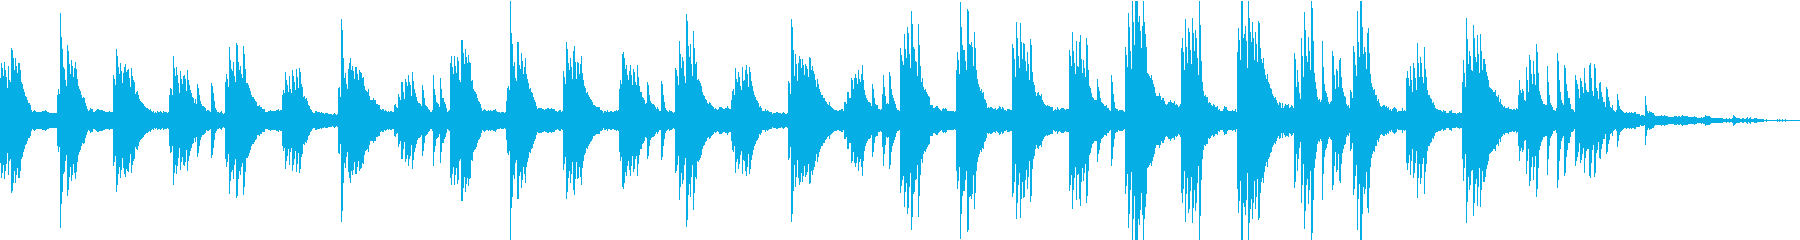 感情的で夢のような映画音楽トラック...の再生済みの波形